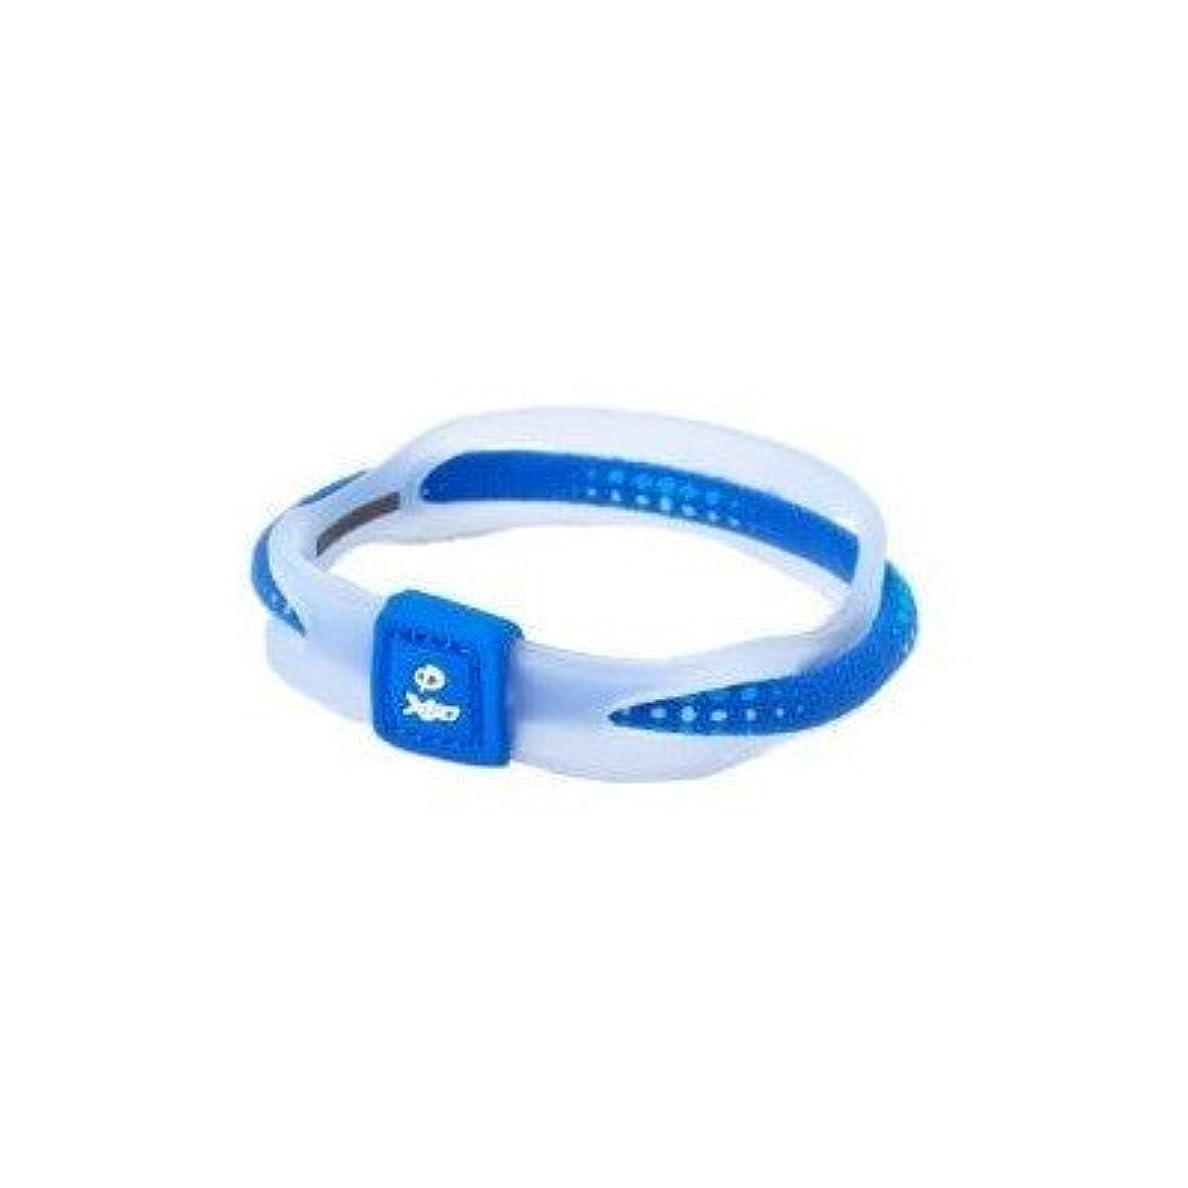 幻滅ペレット葬儀Phiten(ファイテン) RAKUWA ブレス X50 ブルー 17CM TG497225[通販用梱包品]